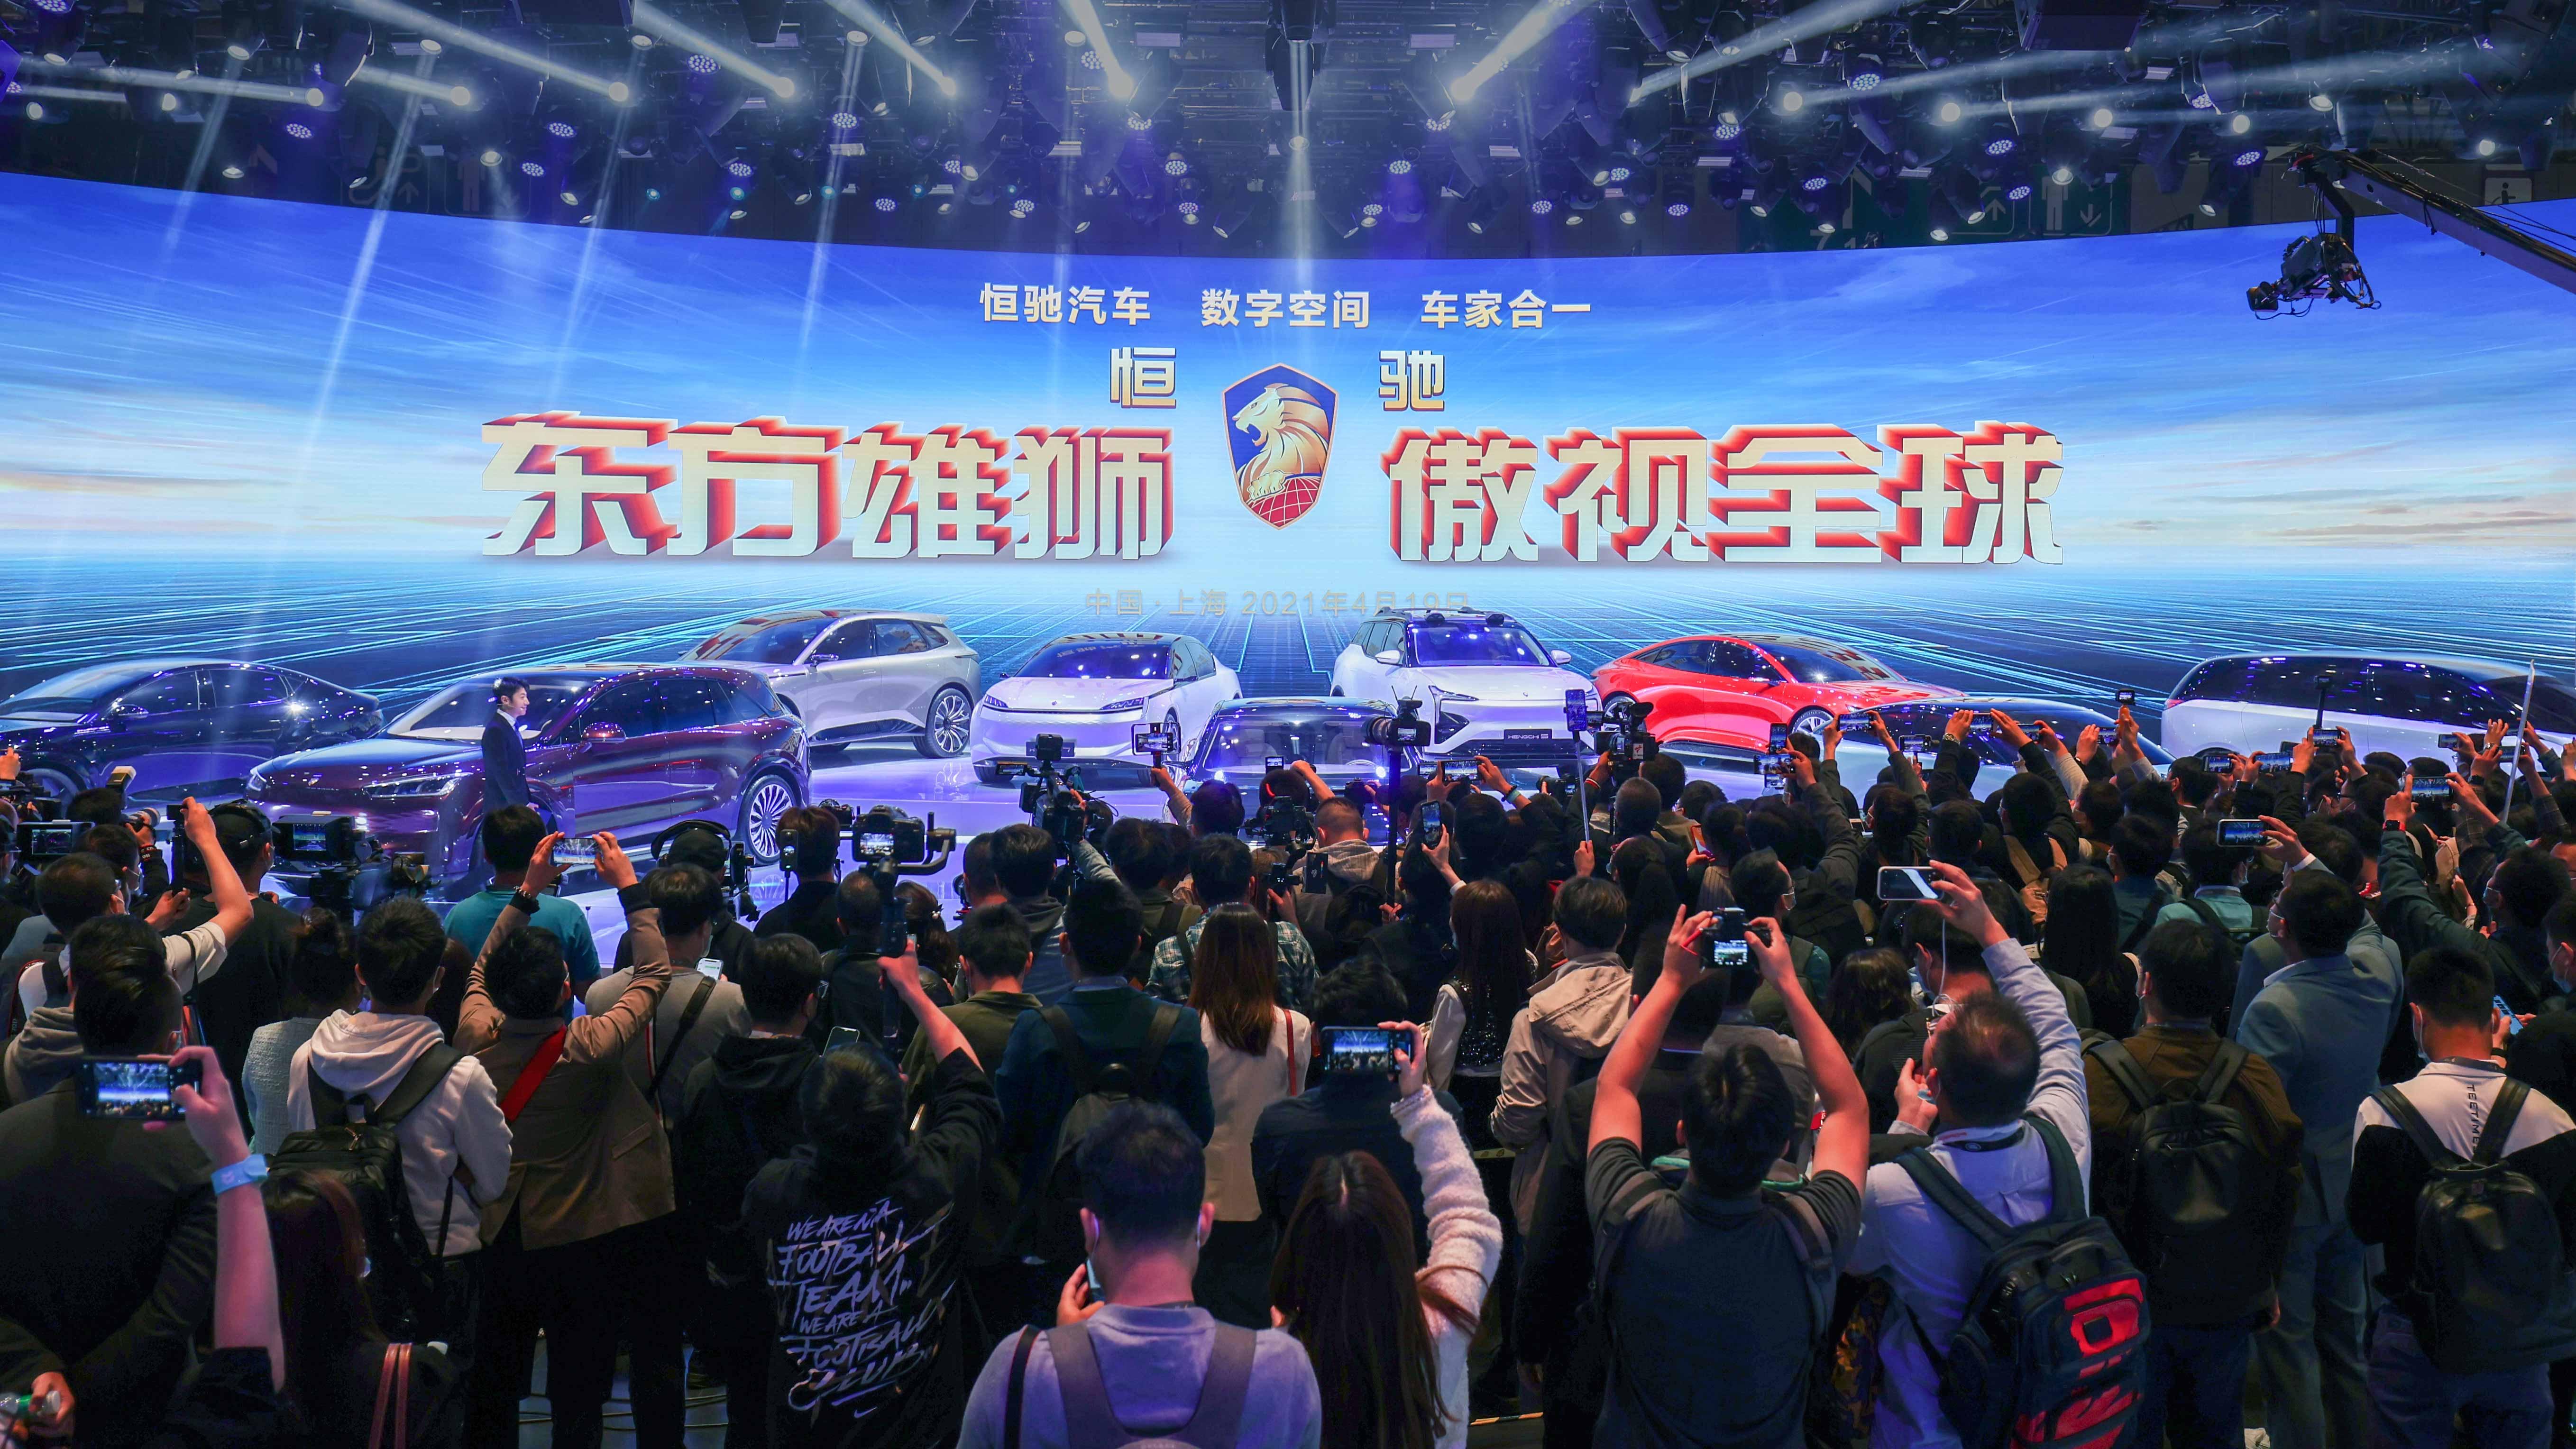 惊艳首秀!恒大汽车成上海车展焦点